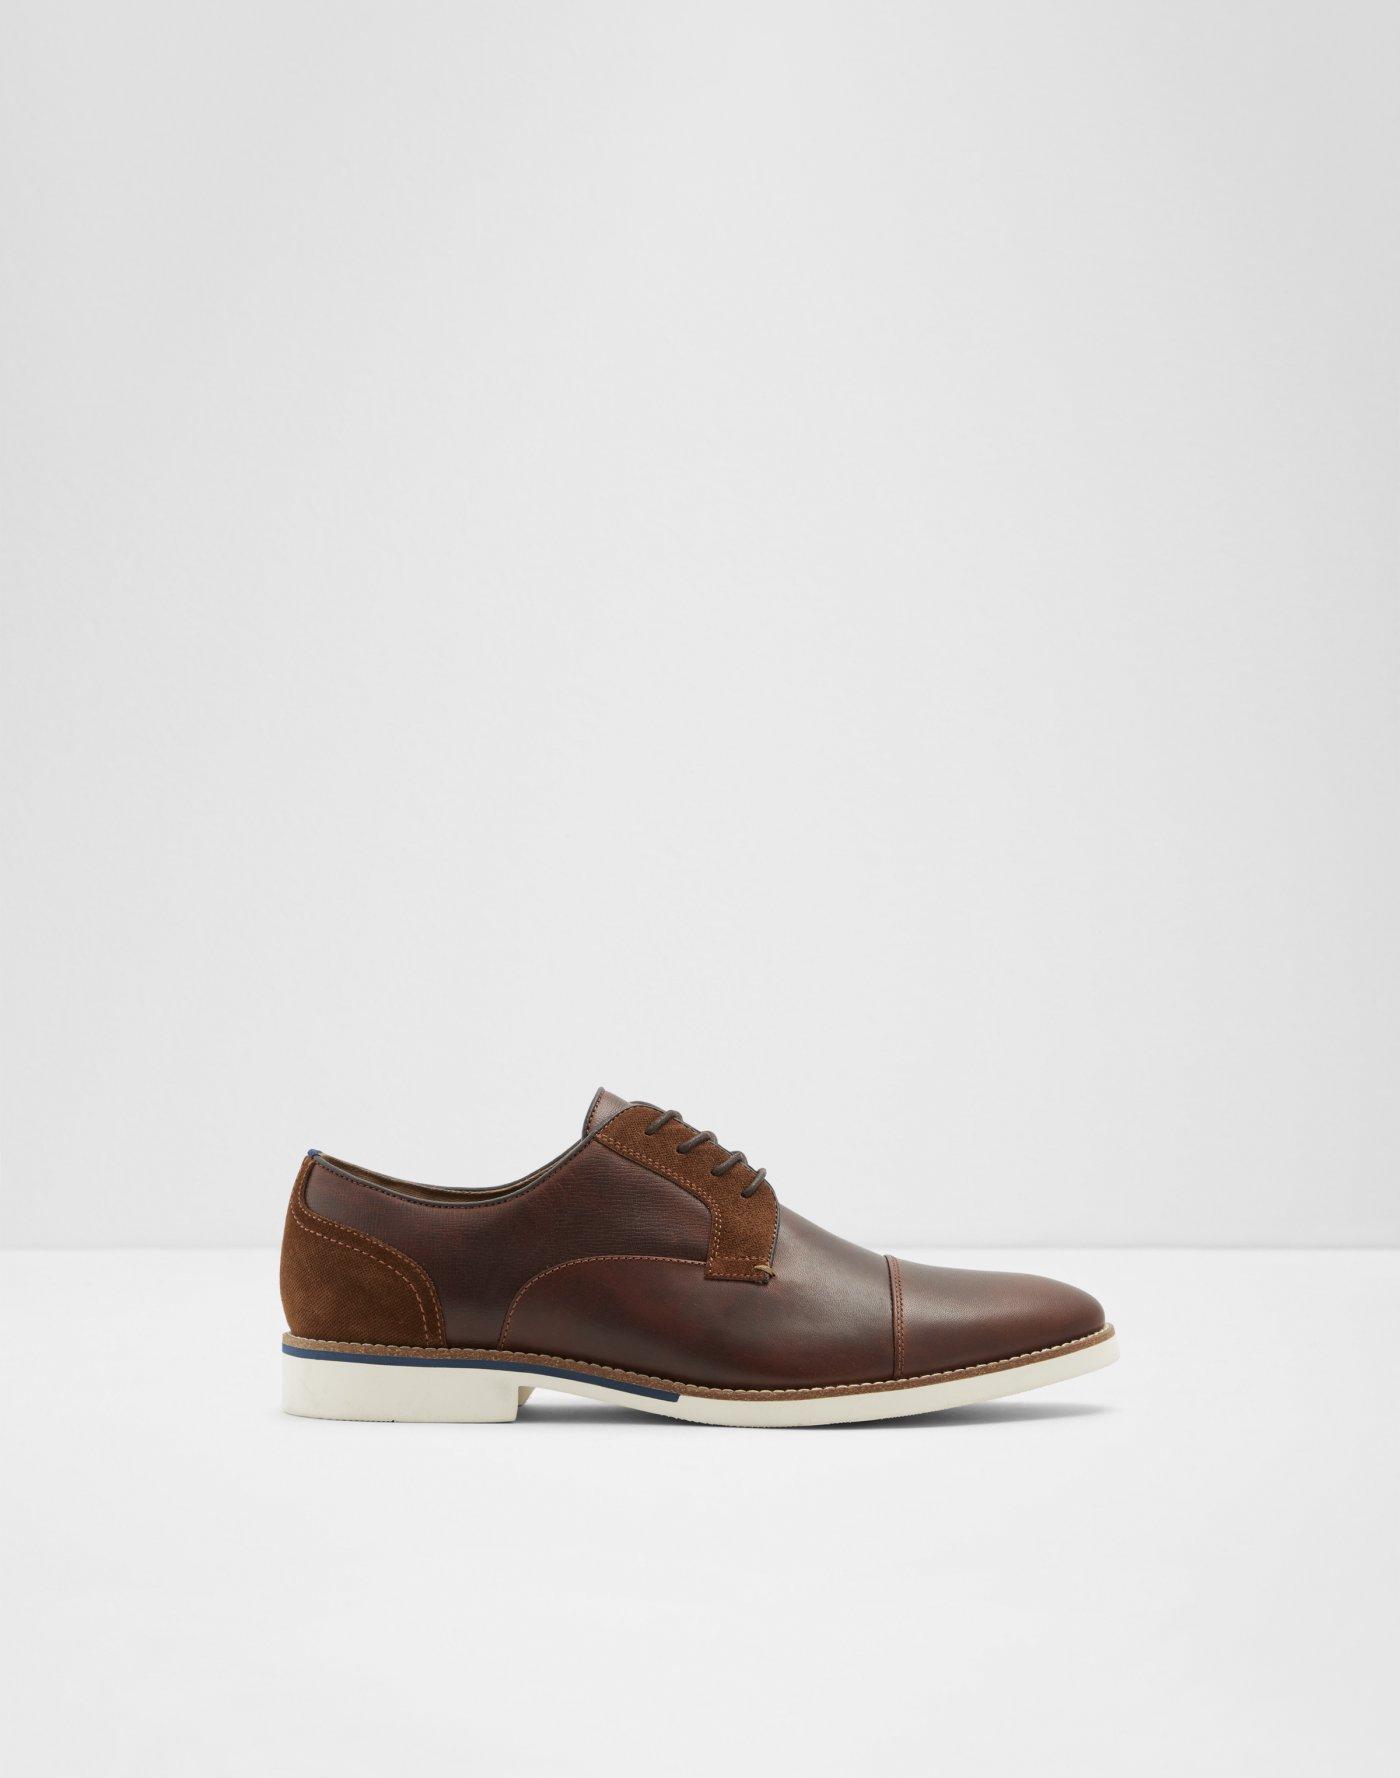 3a7c2ce5d93a All Men's Sales | Shoes, Accessories And Wallets | ALDO US | Aldoshoes.com  US